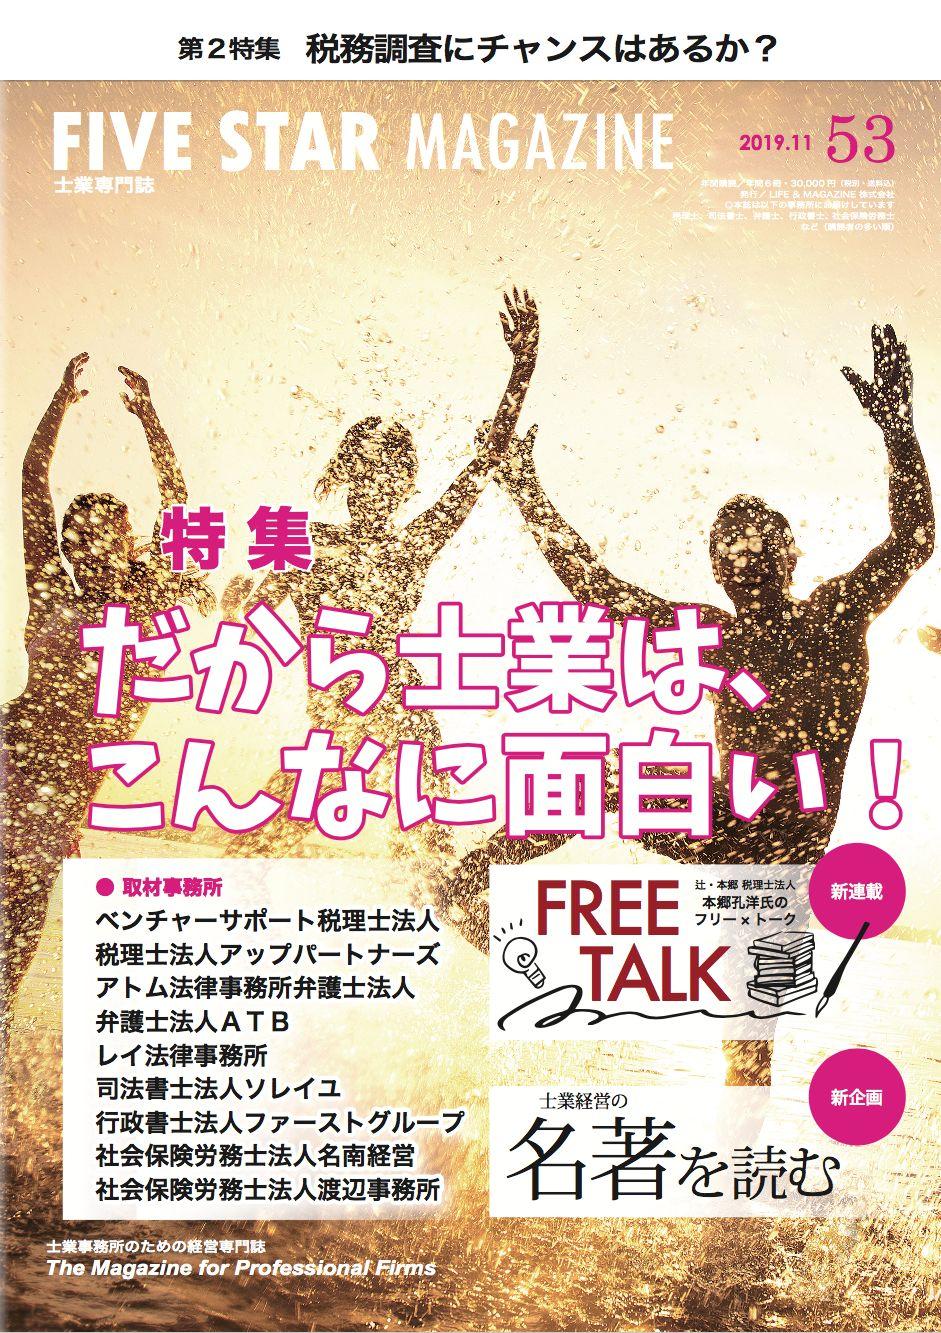 大津章敬 FIVE STAR MAGAZINE第53号に渡辺俊一社労士との対談記事が掲載されています